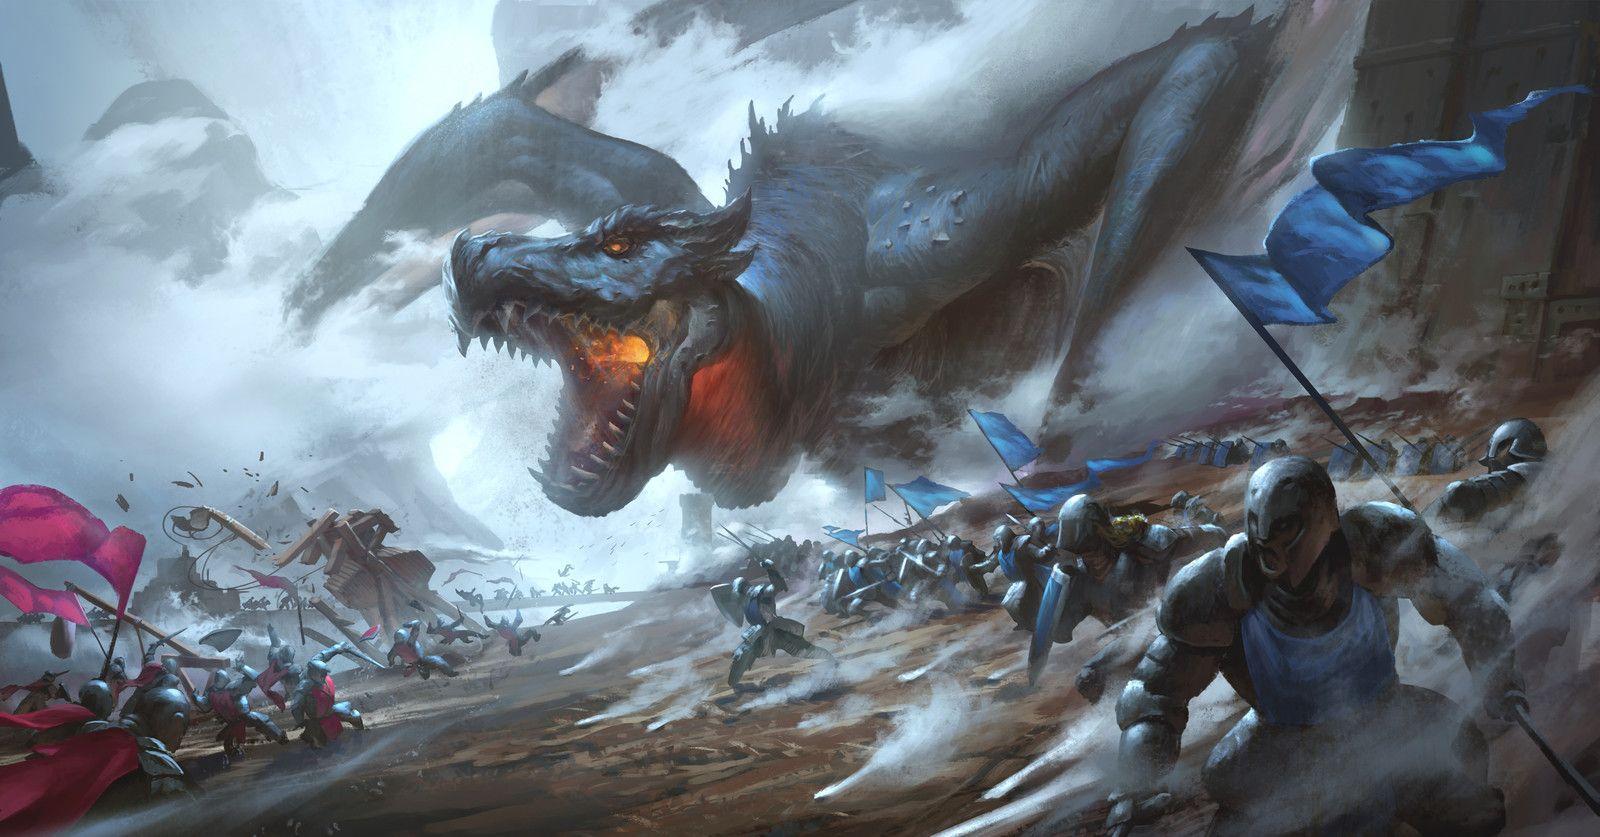 картинки нападающие драконы рыцари мира